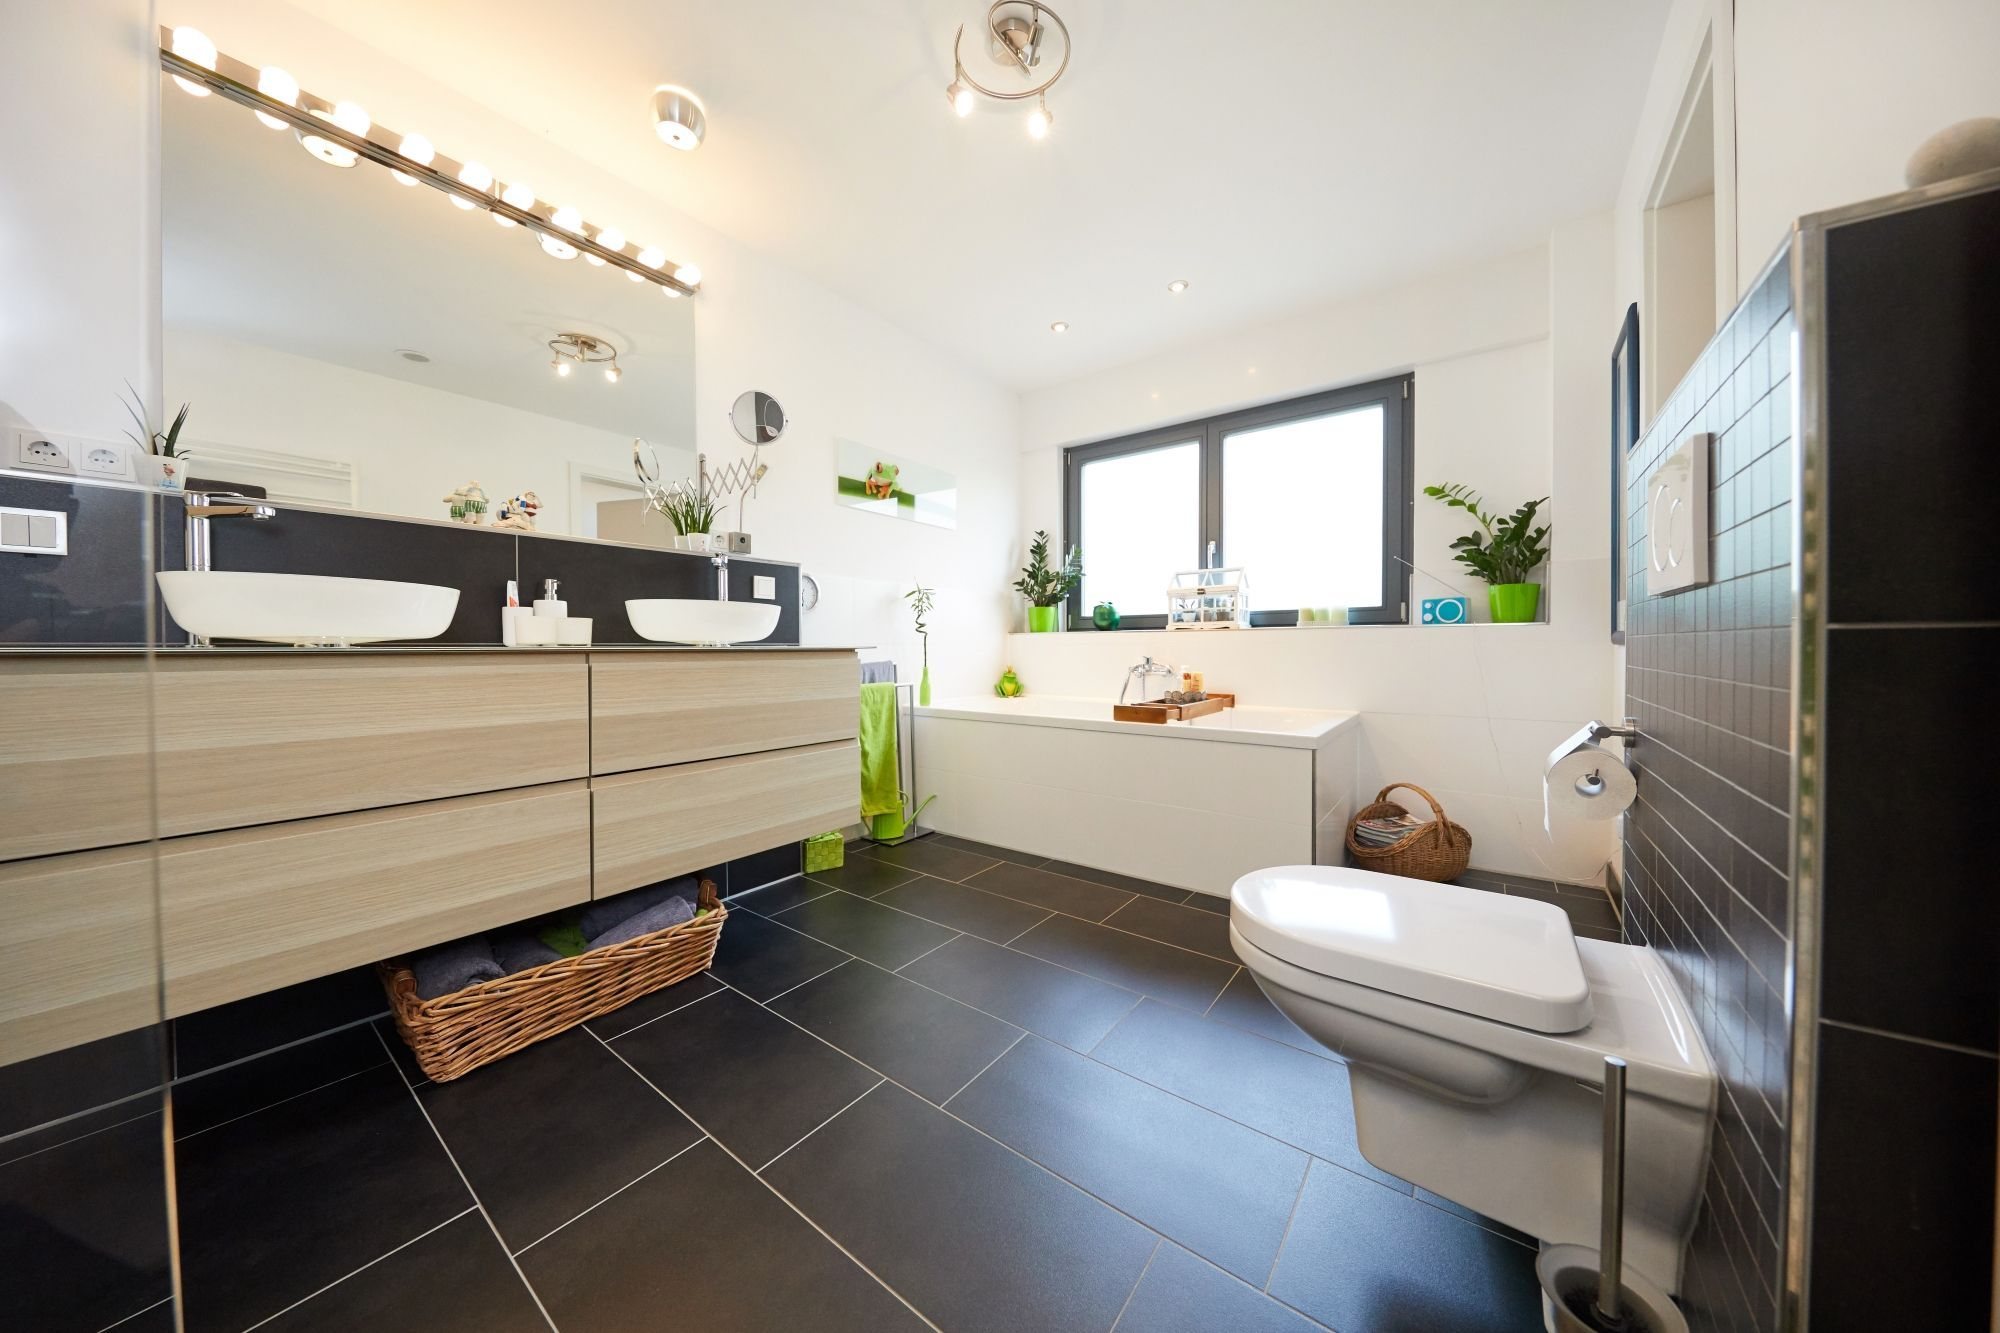 Badezimmer modern mit Doppelwaschtisch & Badewanne unter Fenster